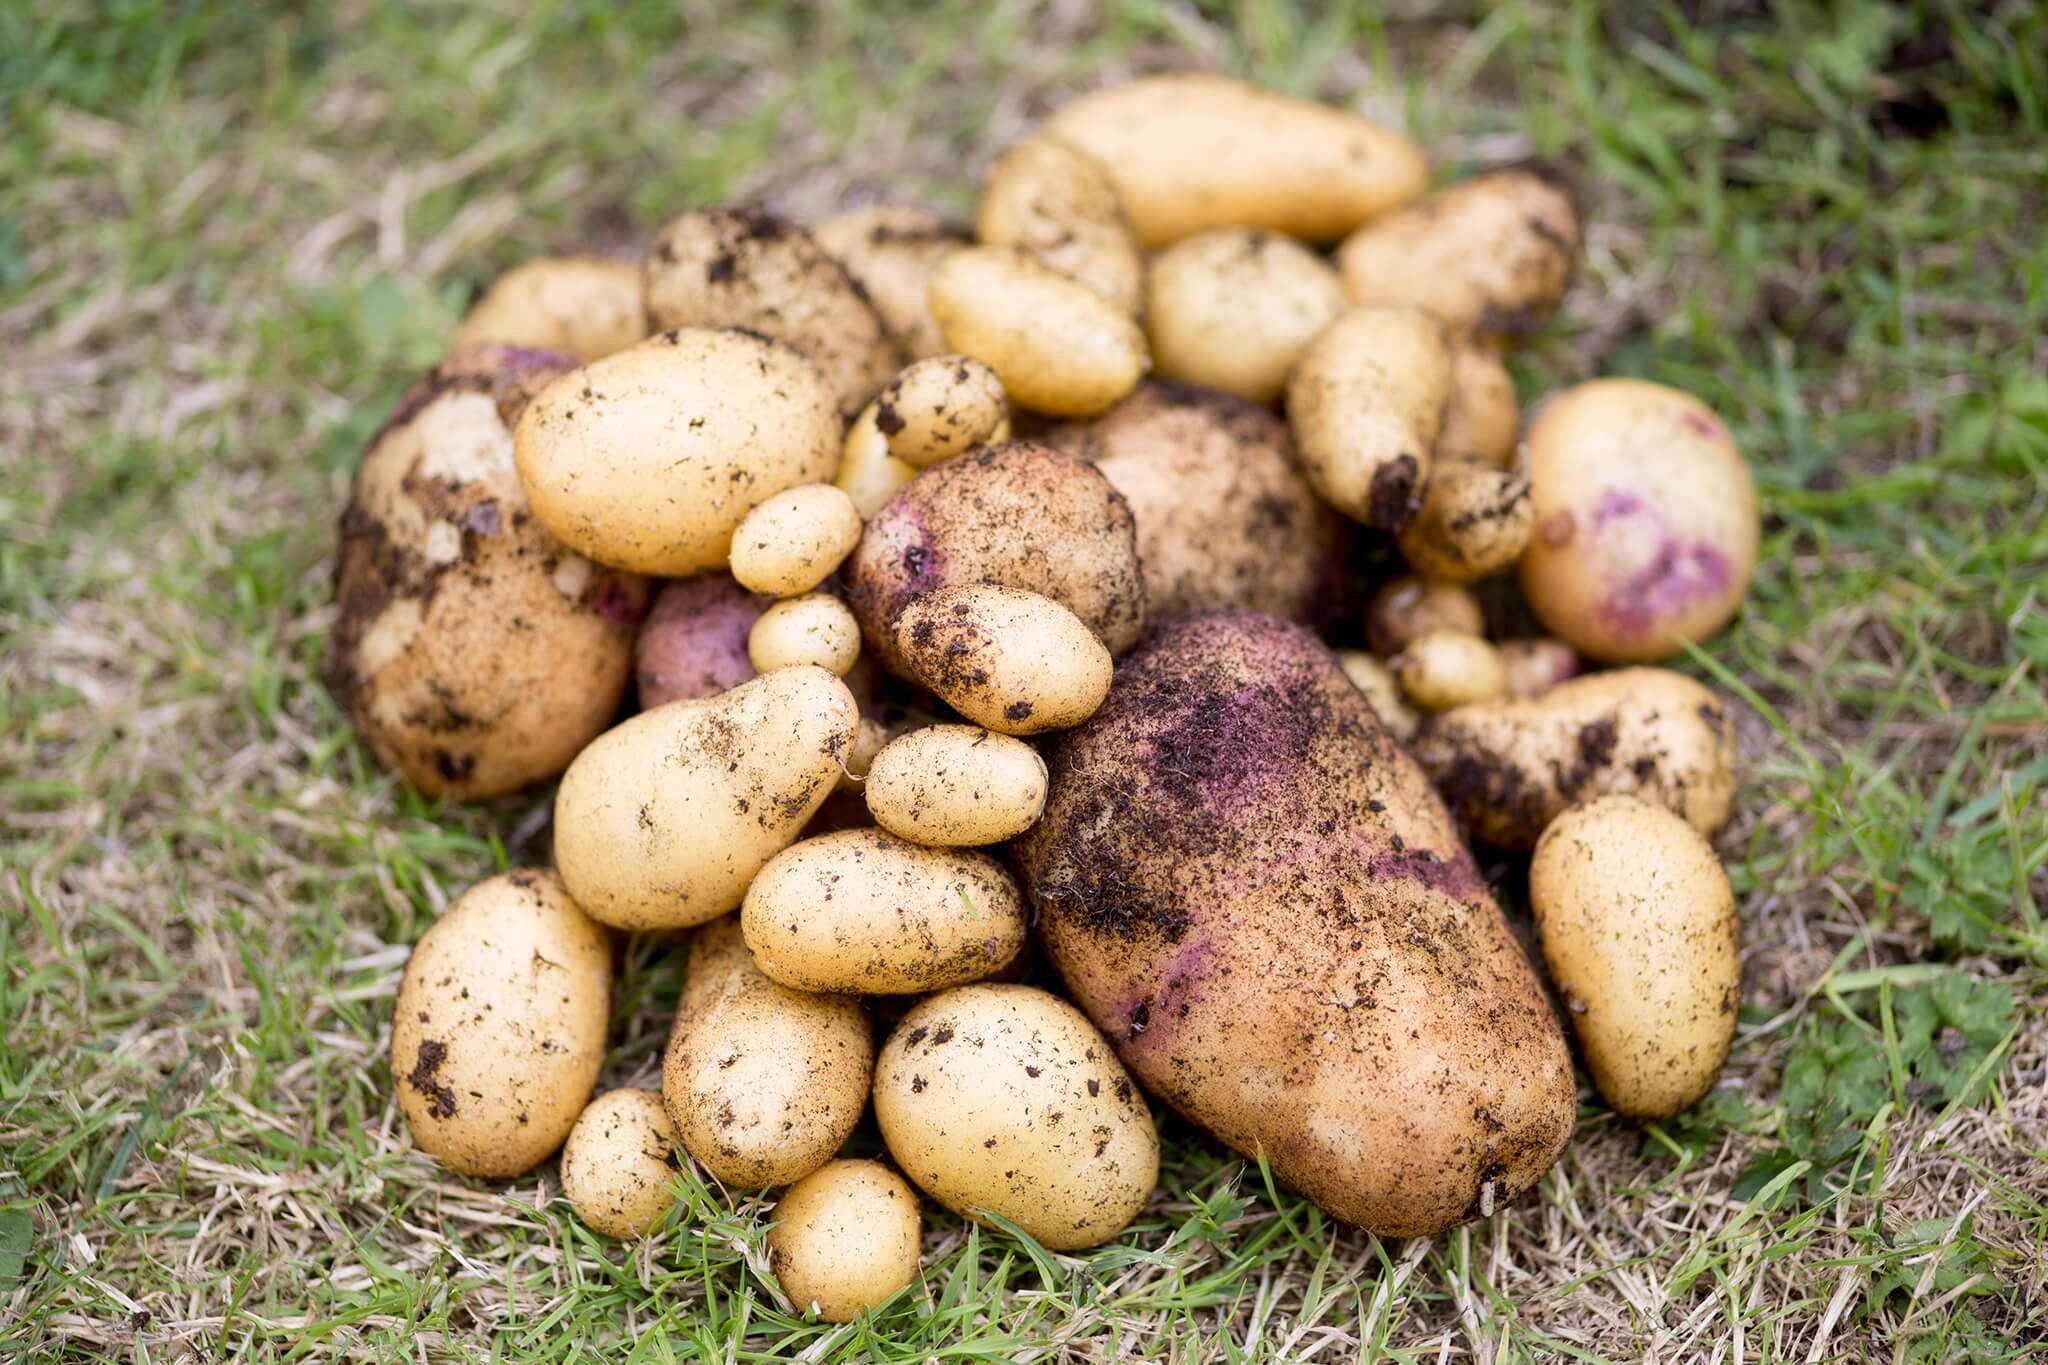 Maincrop Potatoes to Grow